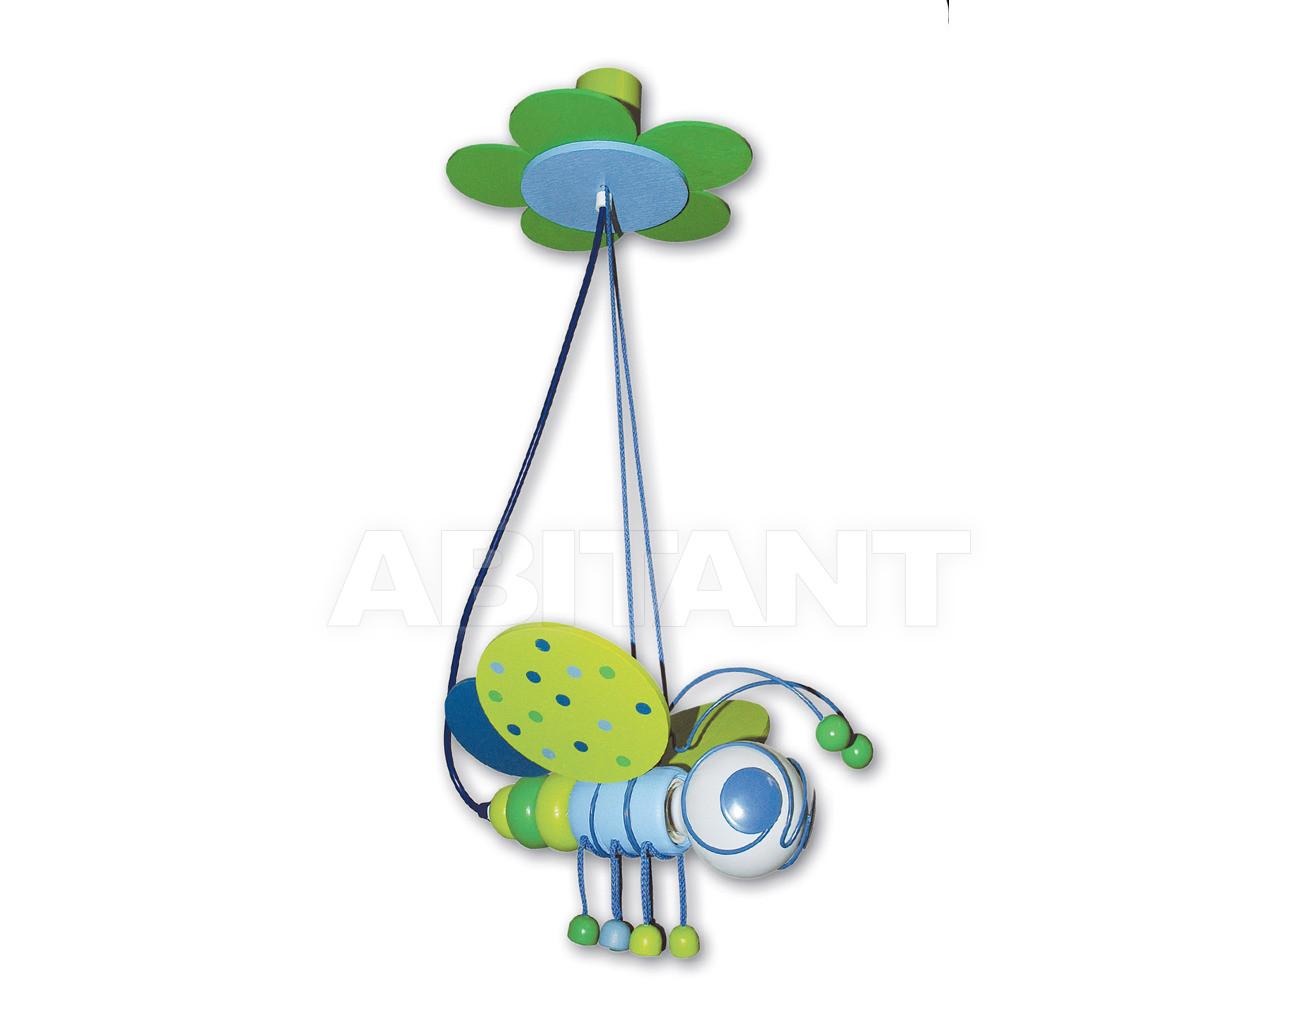 Купить Светильник для детской  Waldi Leuchten Lampen Fur Kinder 2012 90120.2 blau/grün